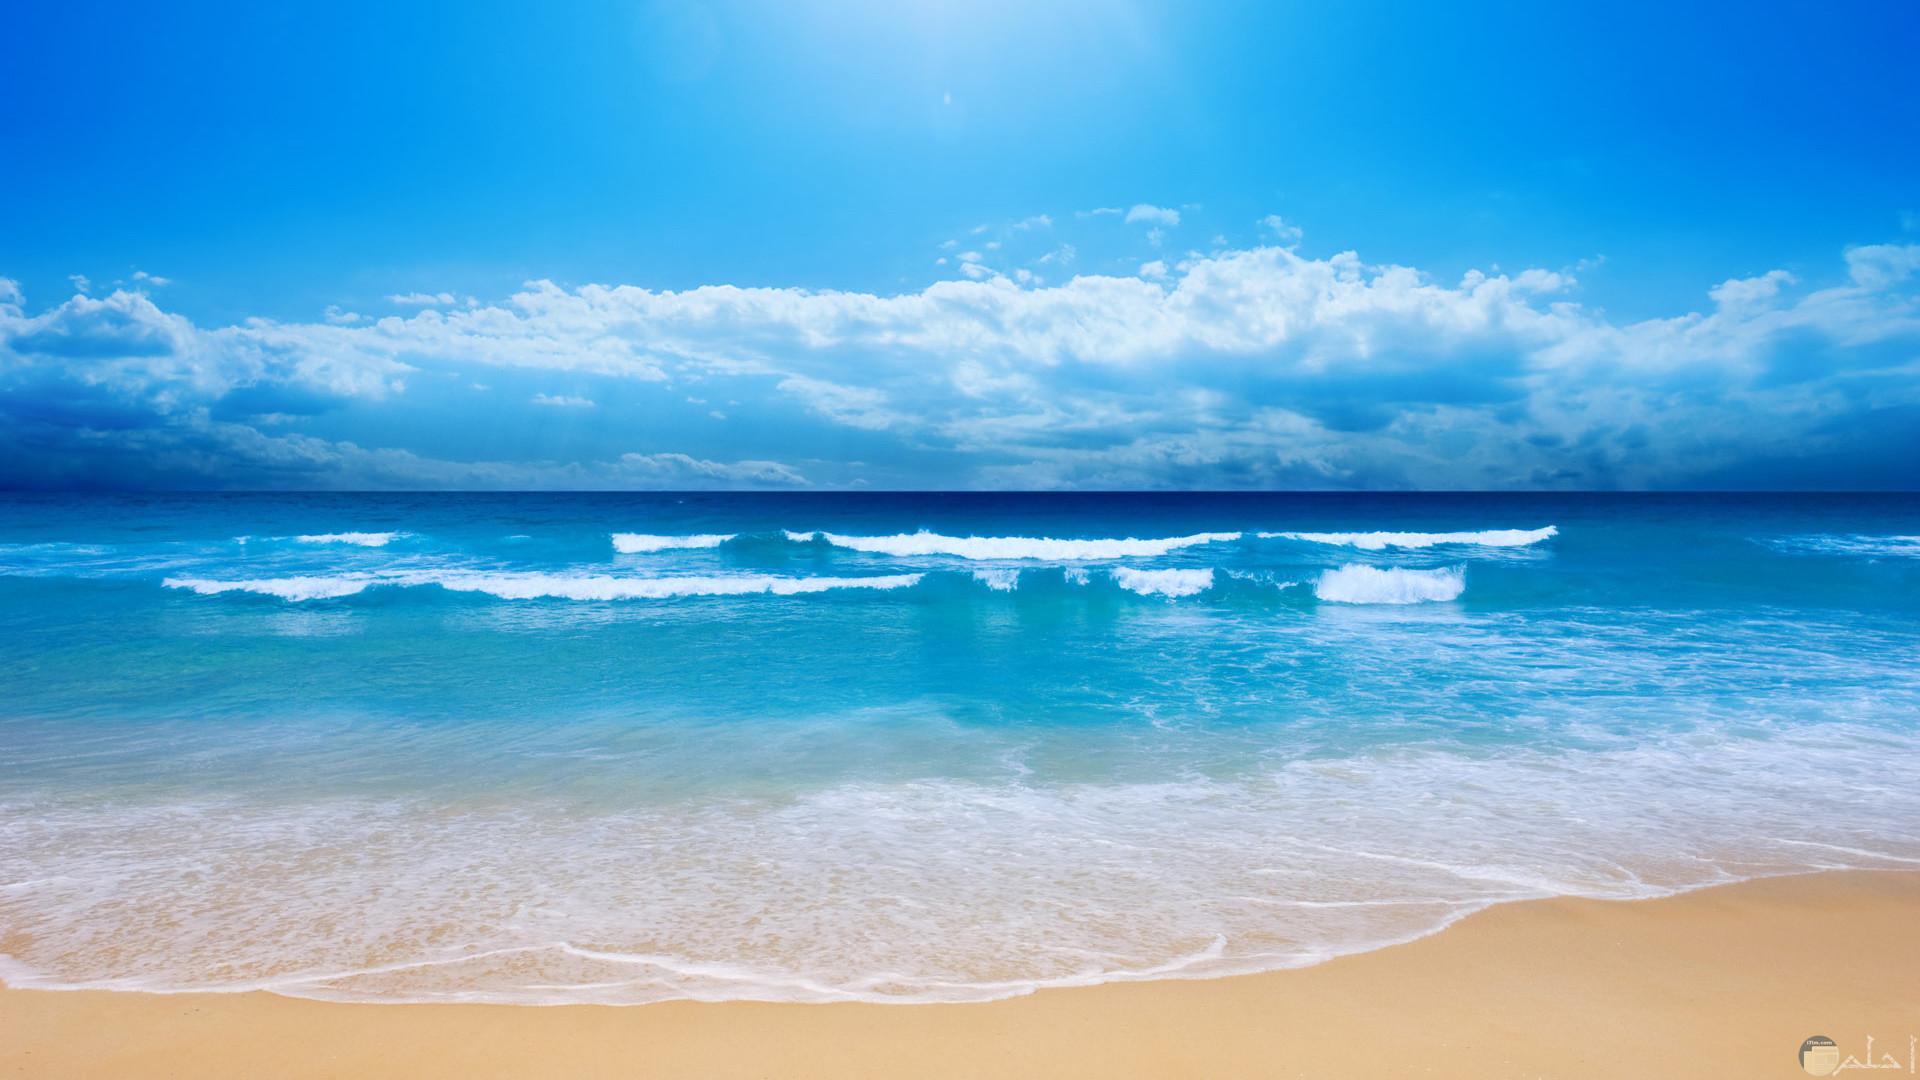 جمال البحر و الشاطئ و الأمواج.